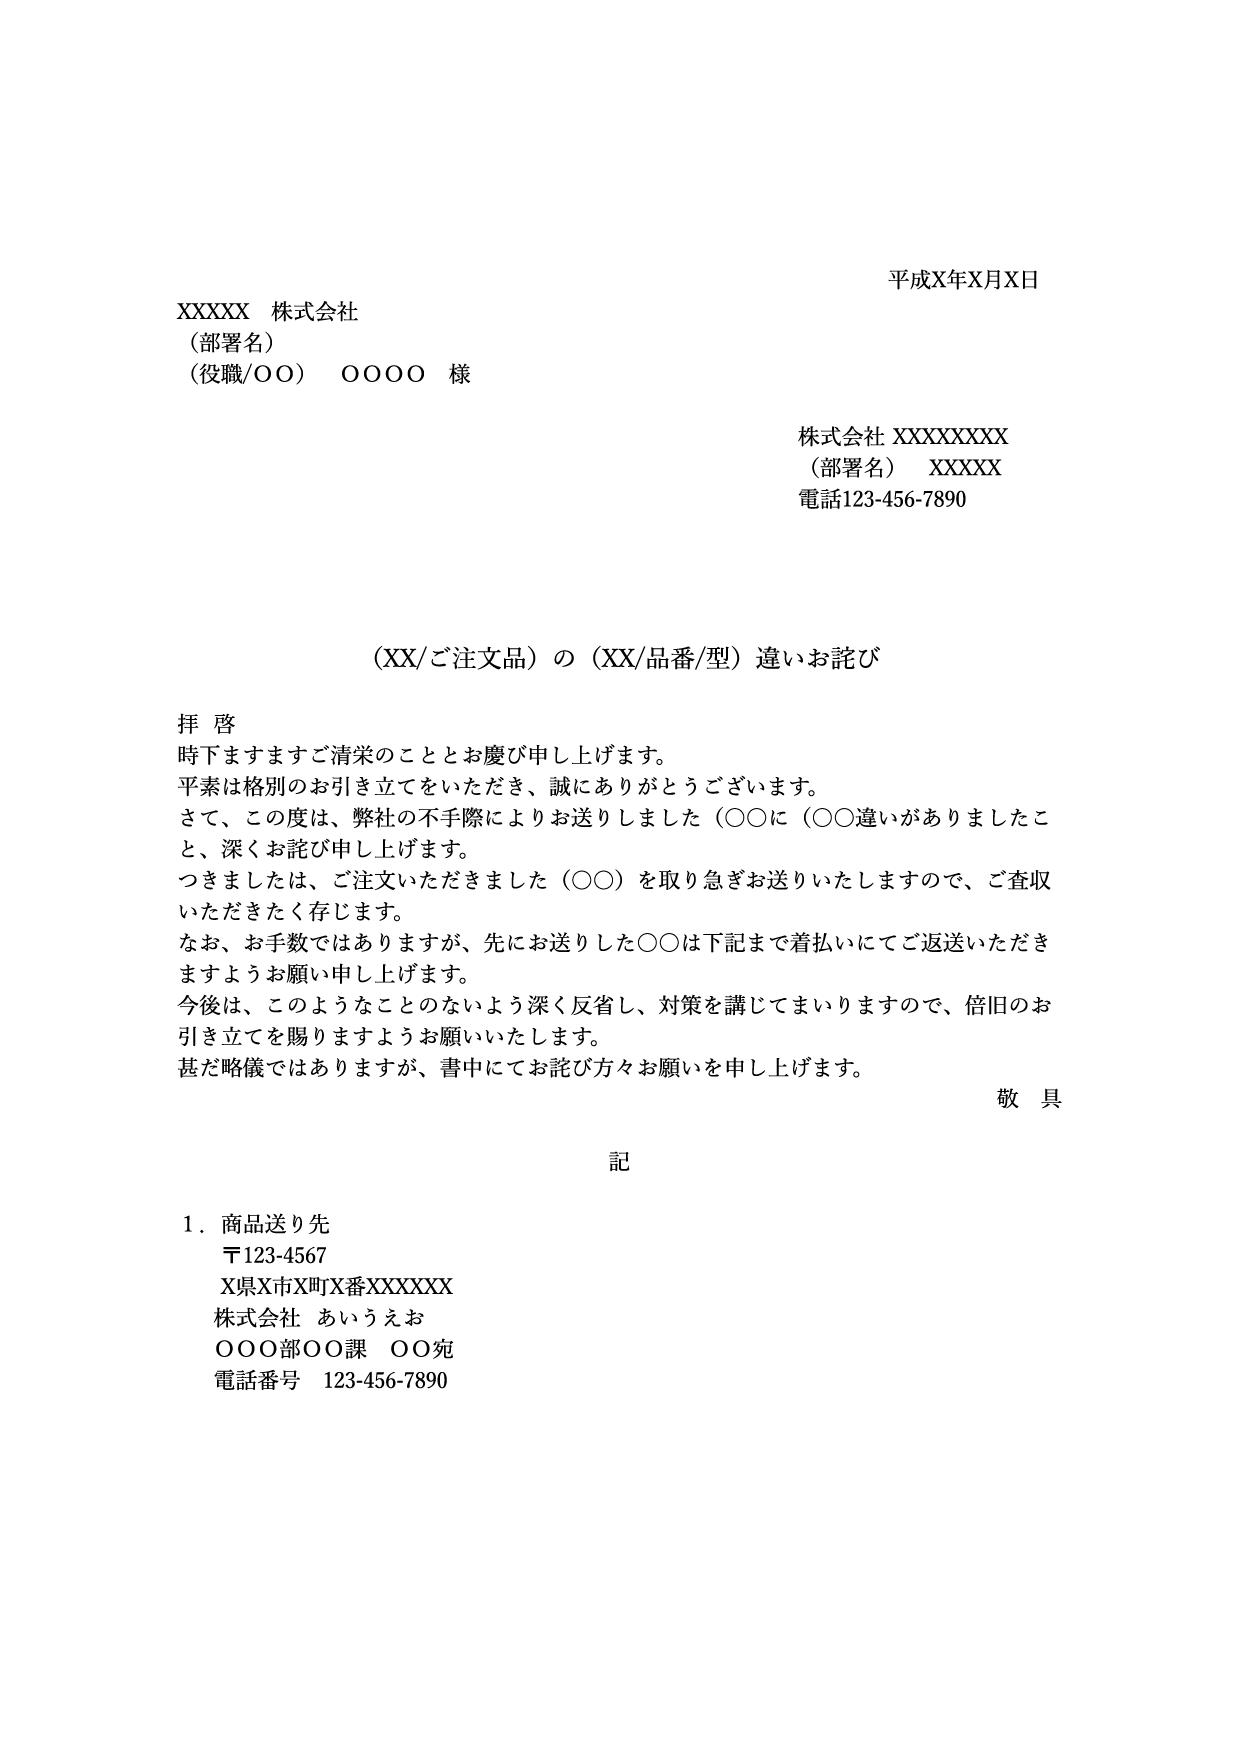 お詫び状テンプレート_送付間違い(ワード・ページズ)